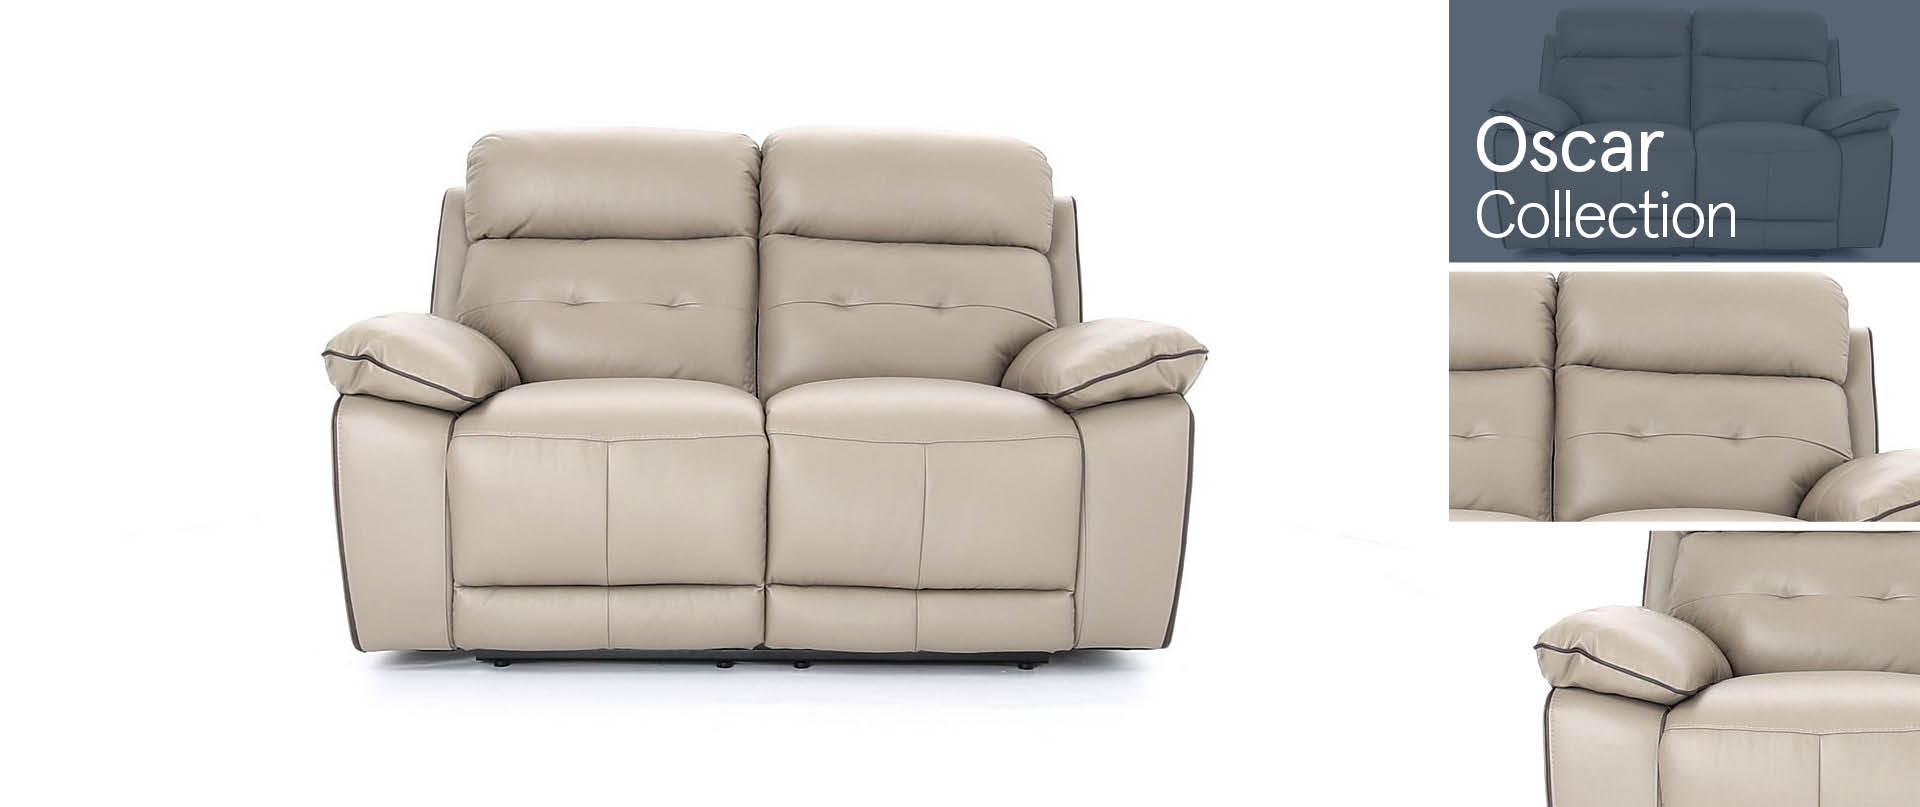 Oscar Leather Sofa Ranges